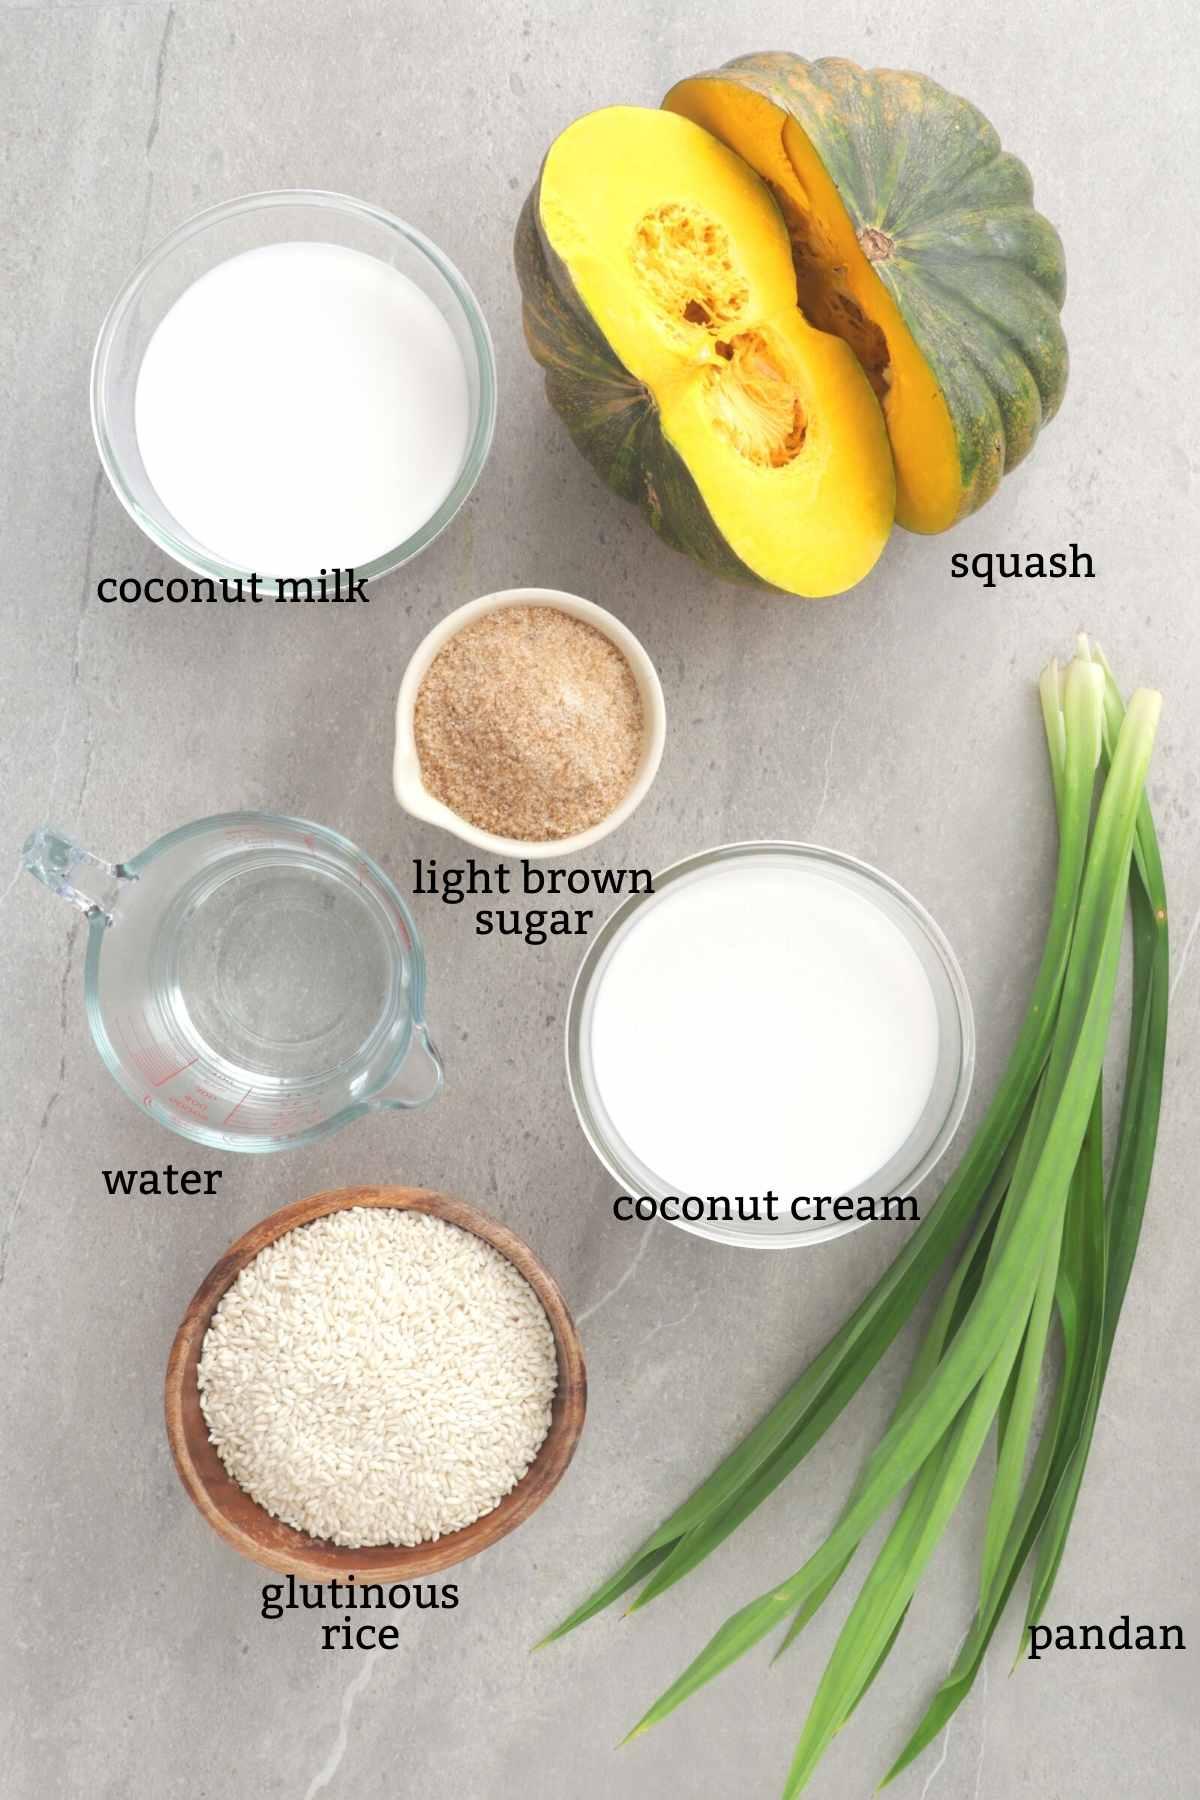 Ingredients for making biko kalabasa